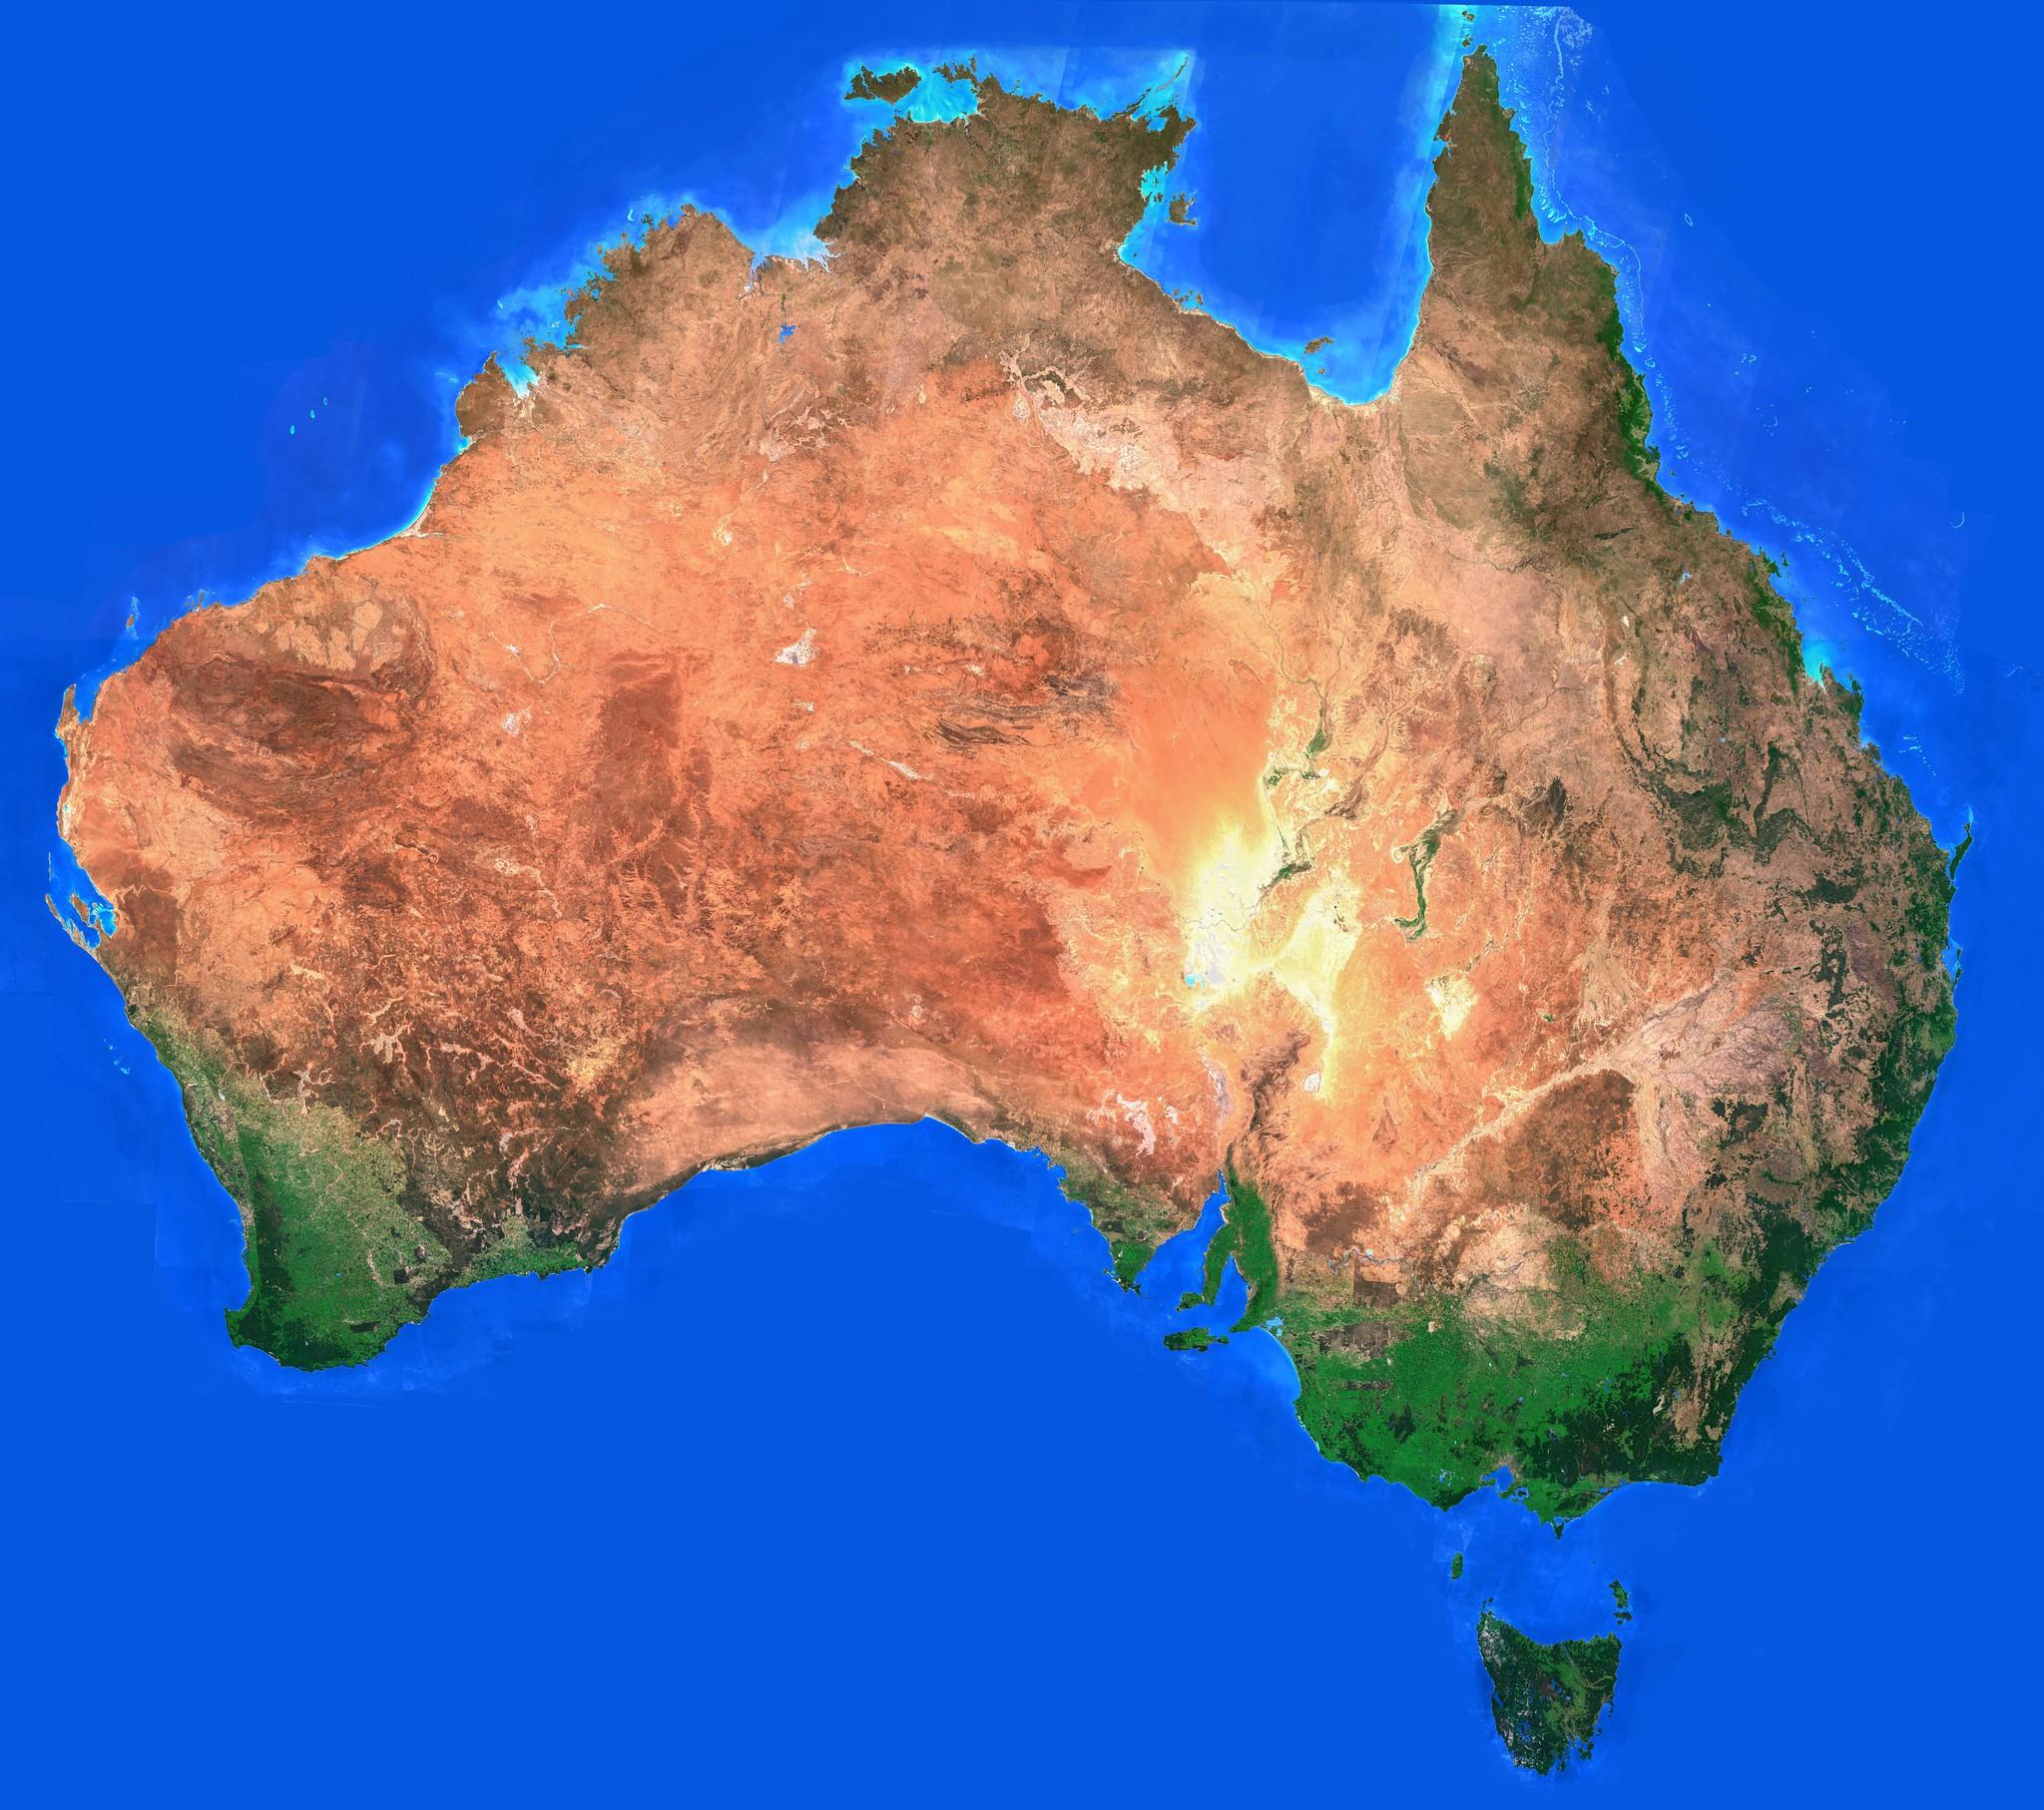 20440c99-e00d-11e7-a98f-06b2d989fe84%2F1578404254667-S2_mosaic_Australia_Aug-Oct-2019.jpeg